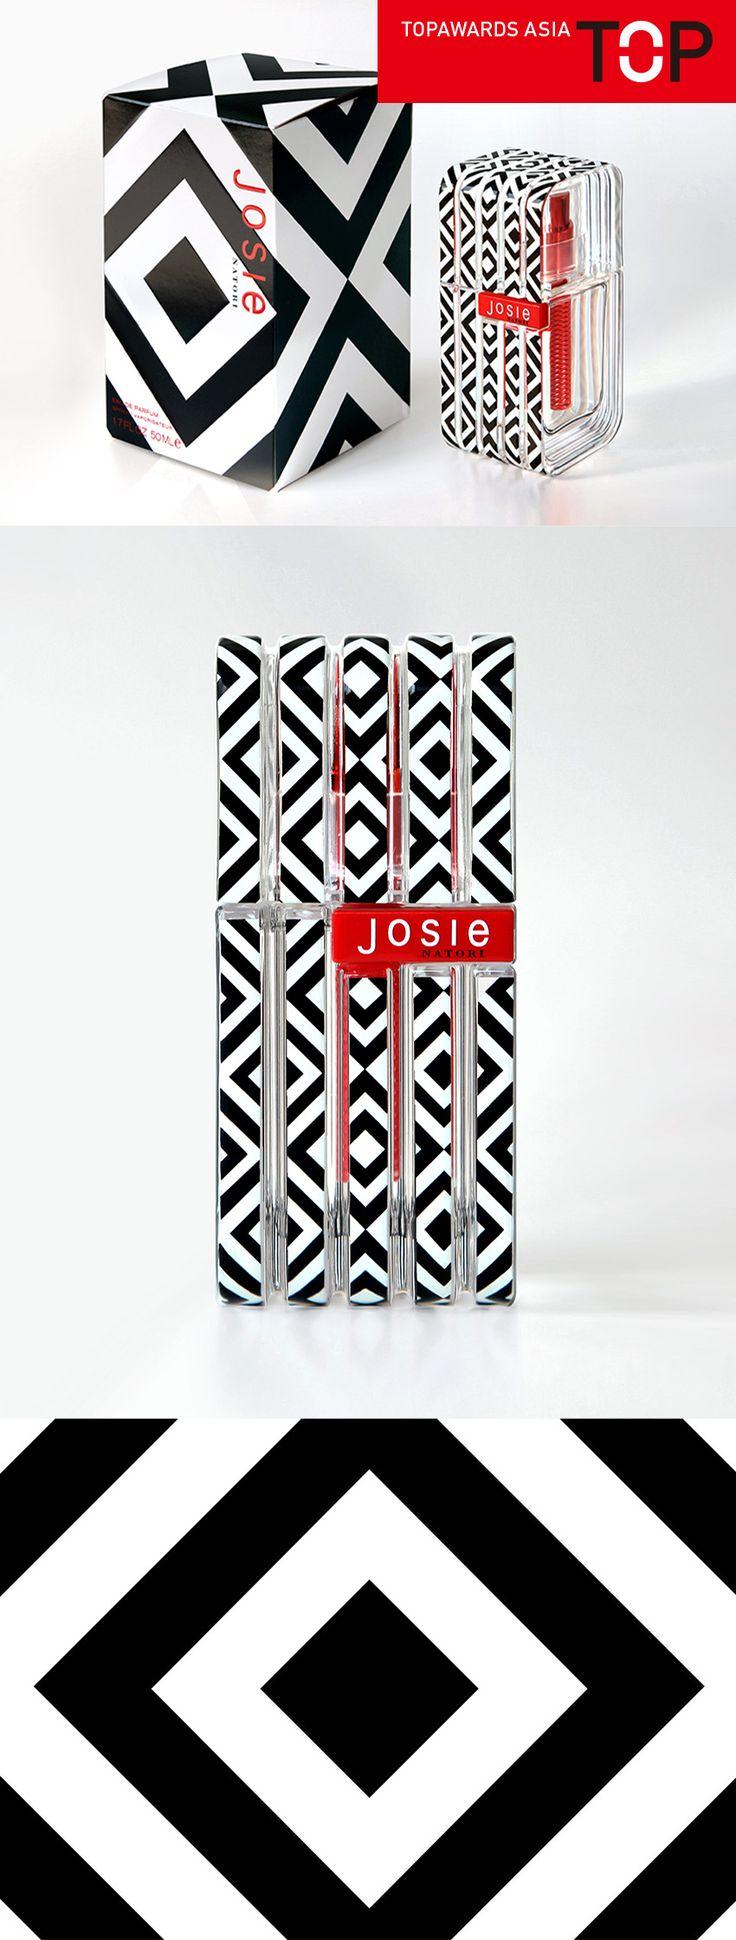 Topawards Asia — Josie Eau de Parfum